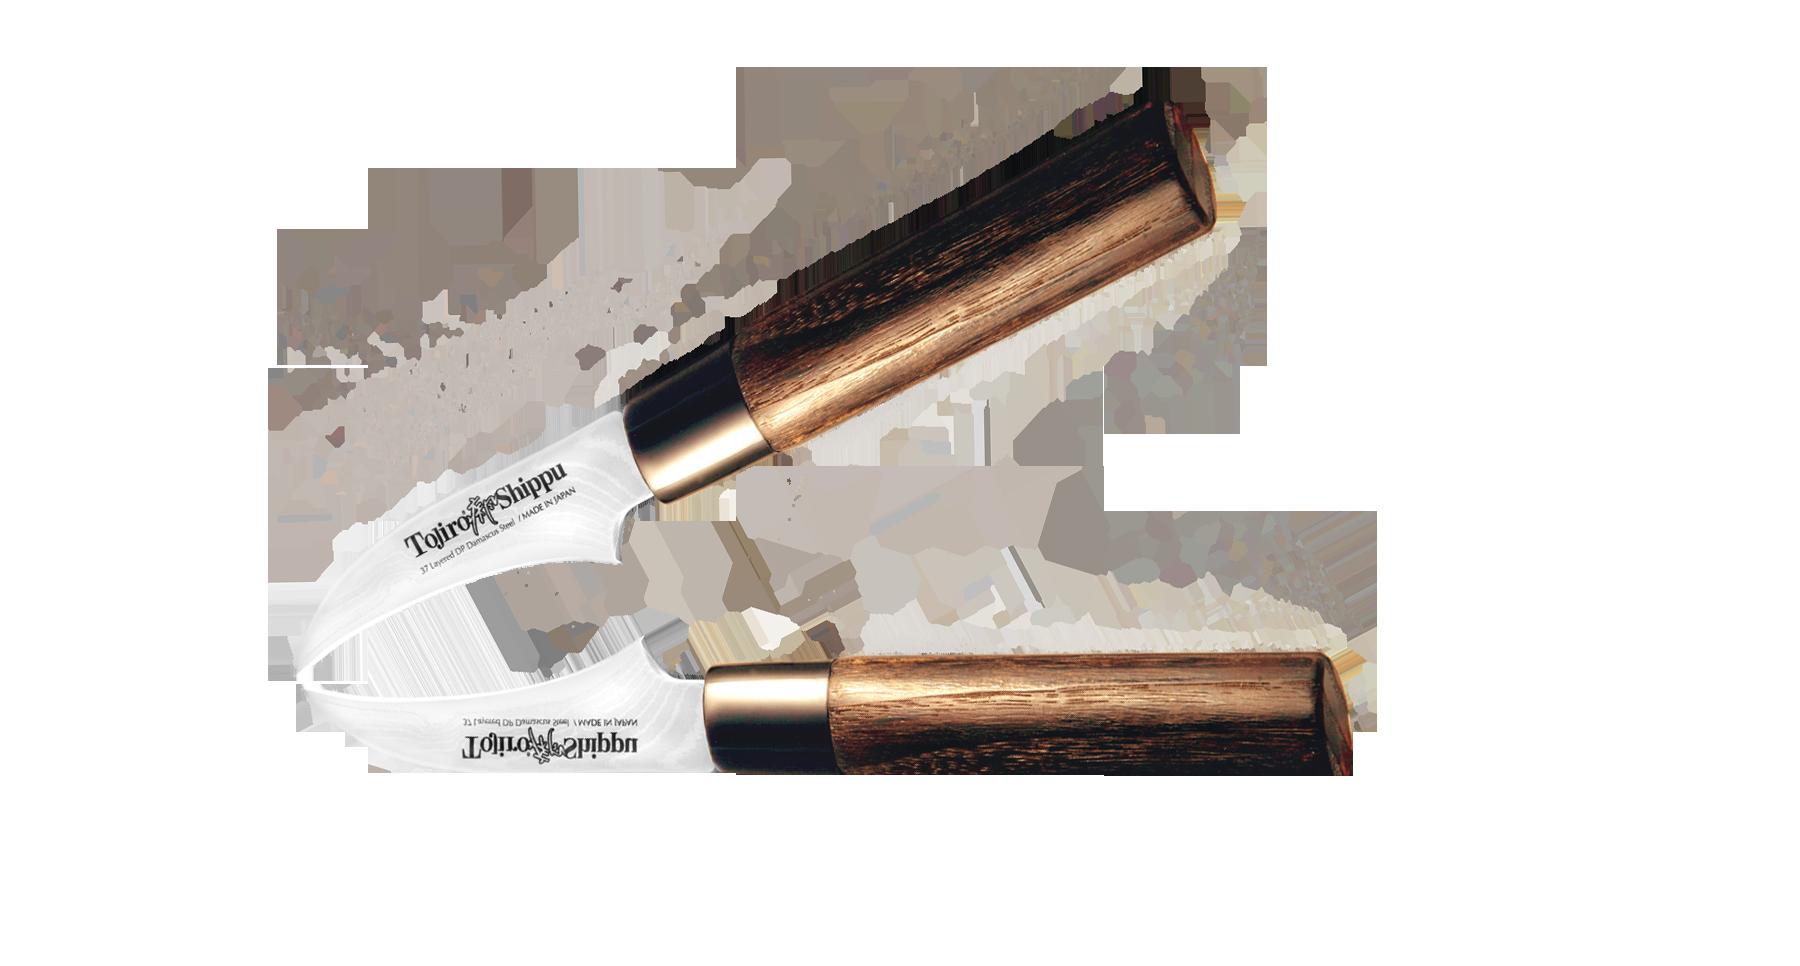 Нож для чистки овощей Shippu 70 мм, сталь VG-10, Tojiro нож для чистки овощей tojiro flash 70 мм сталь vg 10